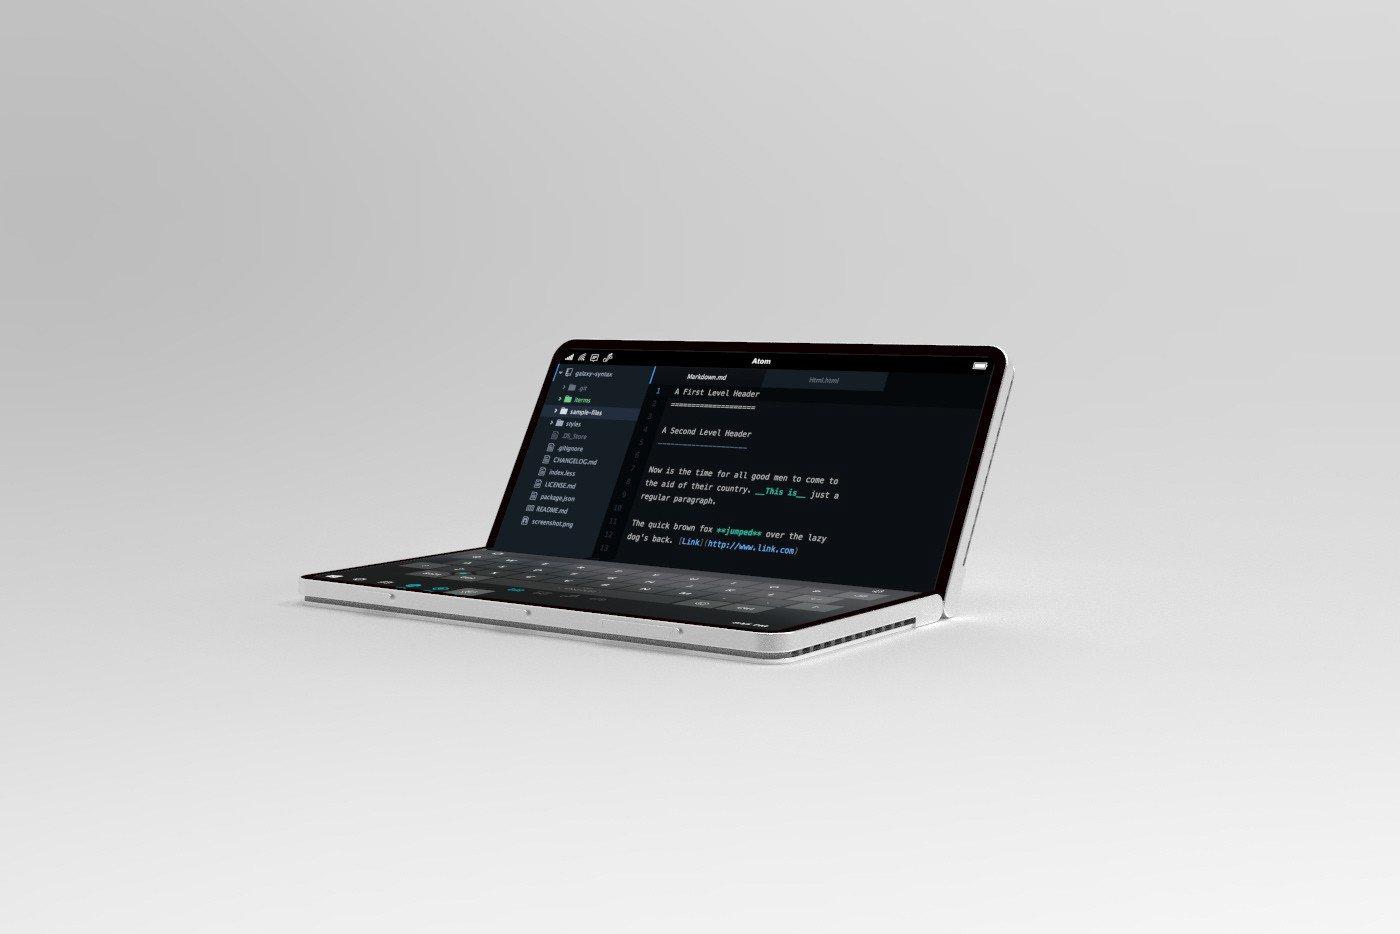 Yeni bir Surface Phone Konsepti!